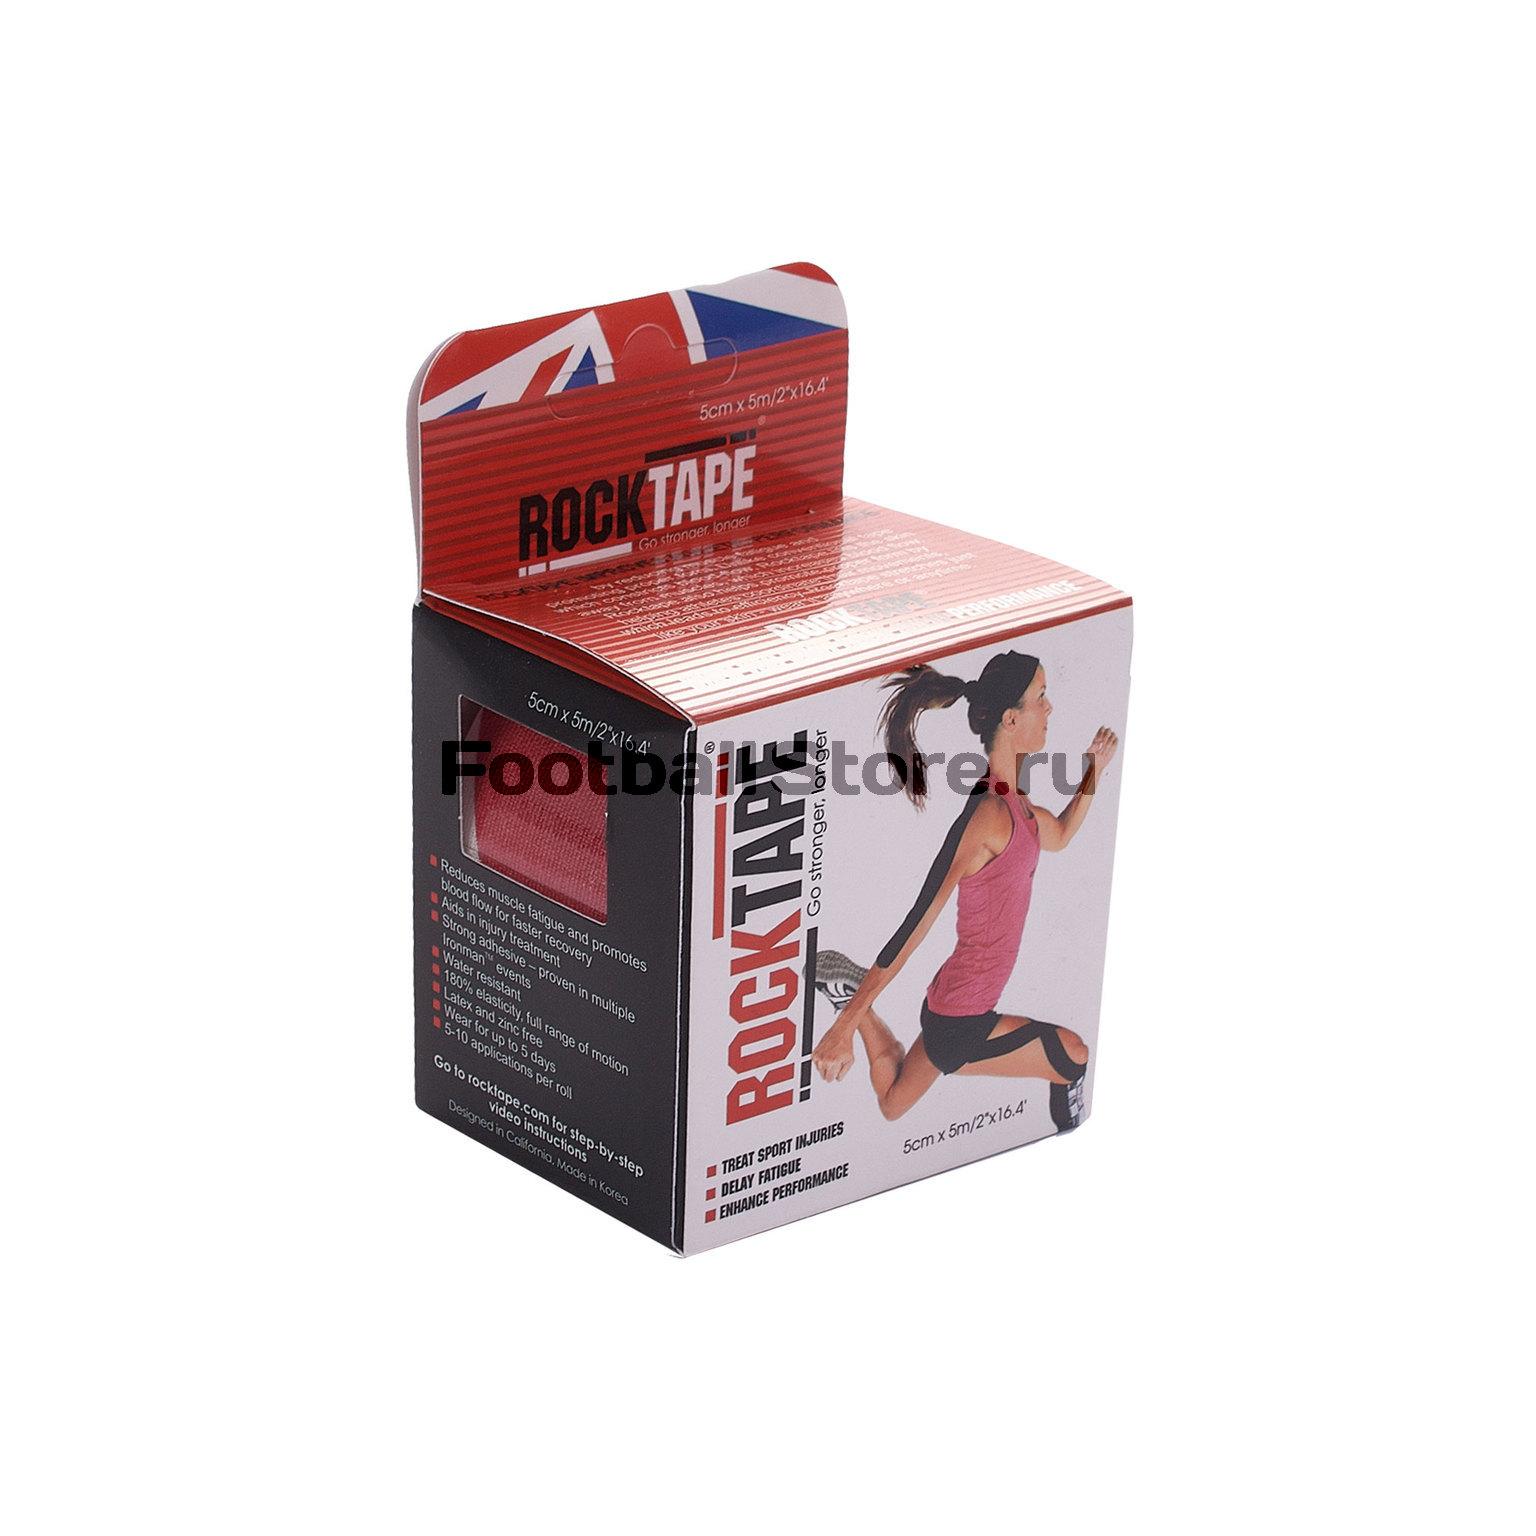 Тейп RockTape Кинезиотейп Design, 5см х 5м, британский флаг